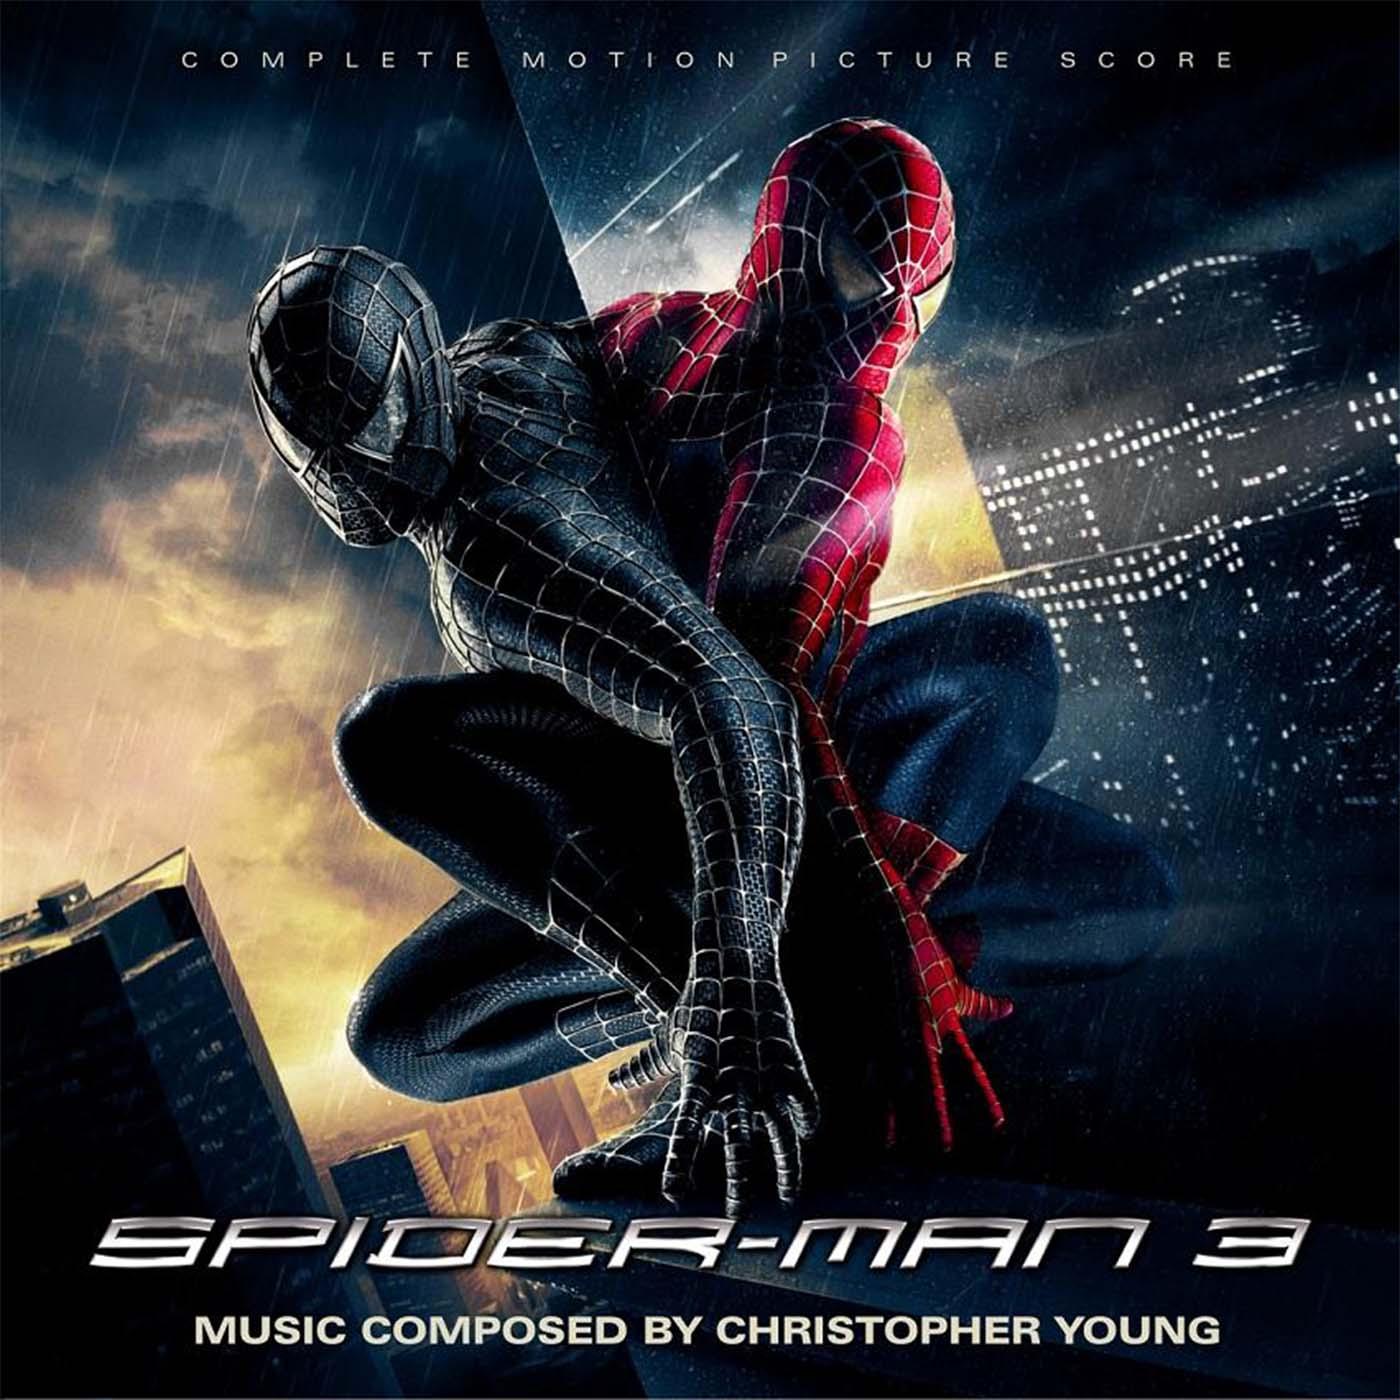 موسیقی متن مرد عنکبوتی 3